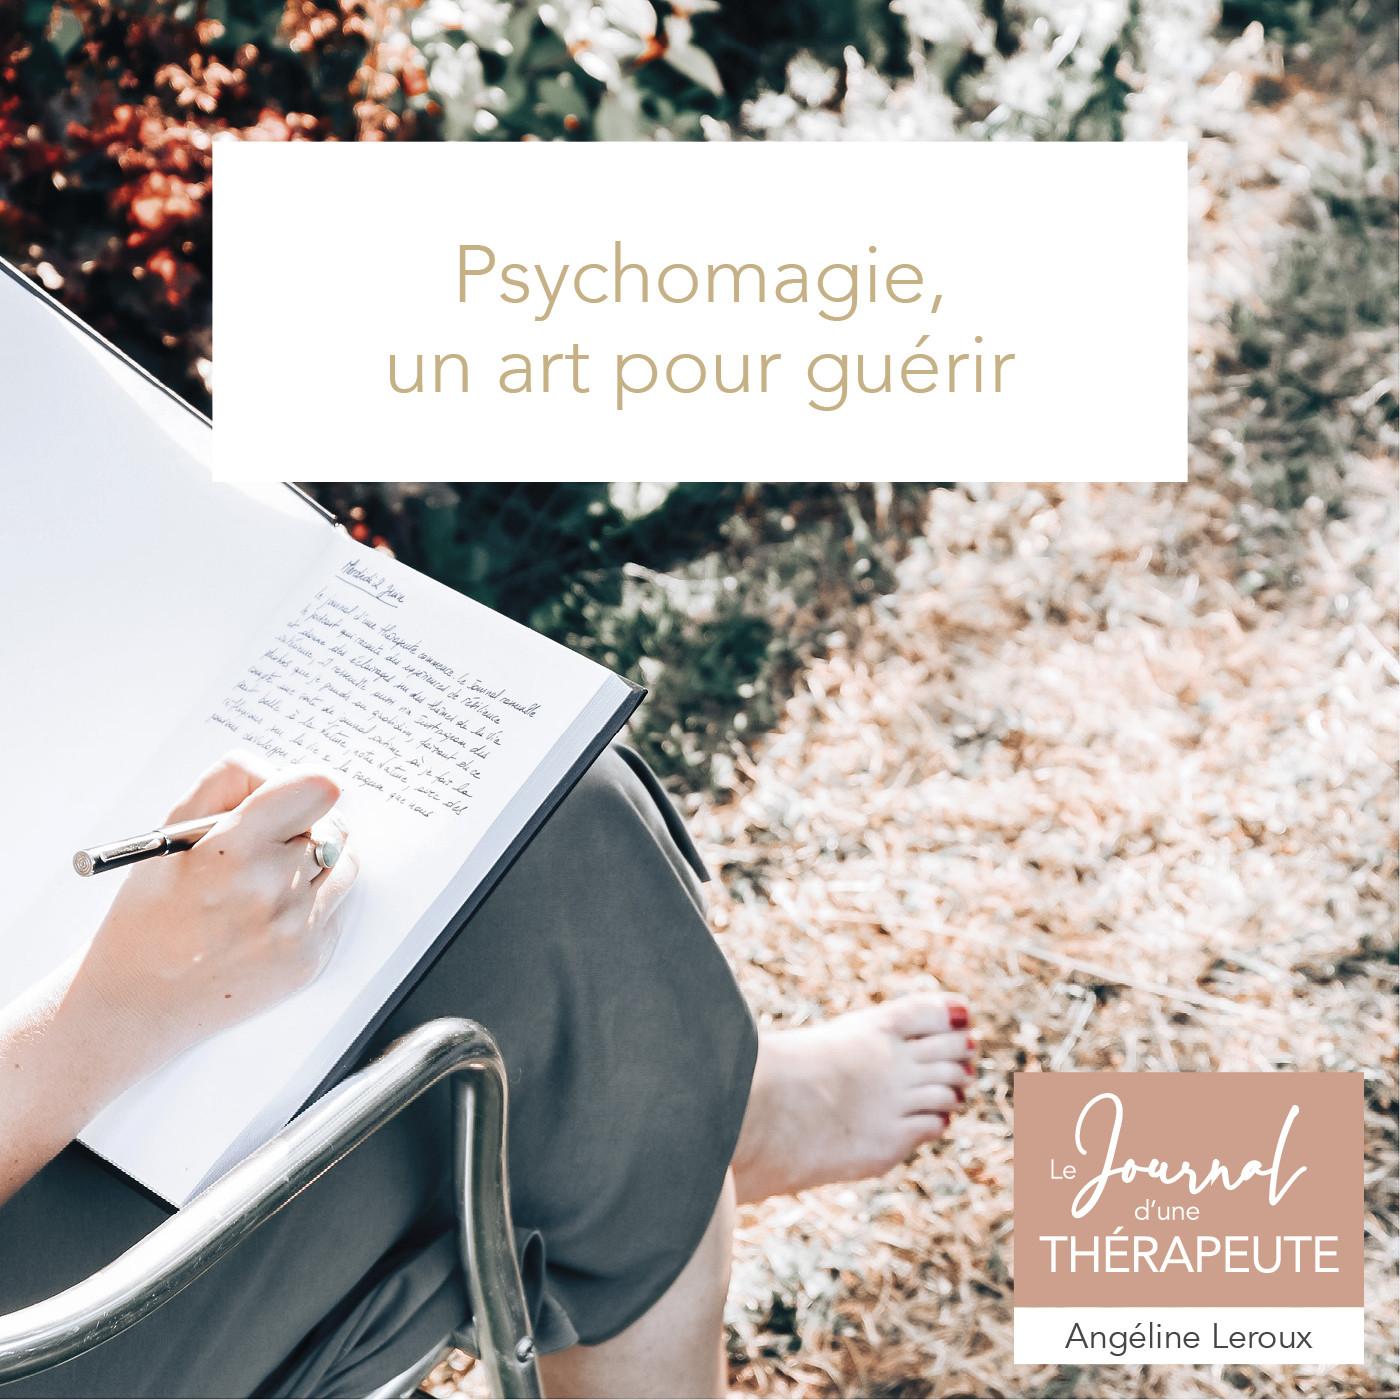 #1 - Psychomagie, Un art pour guérir